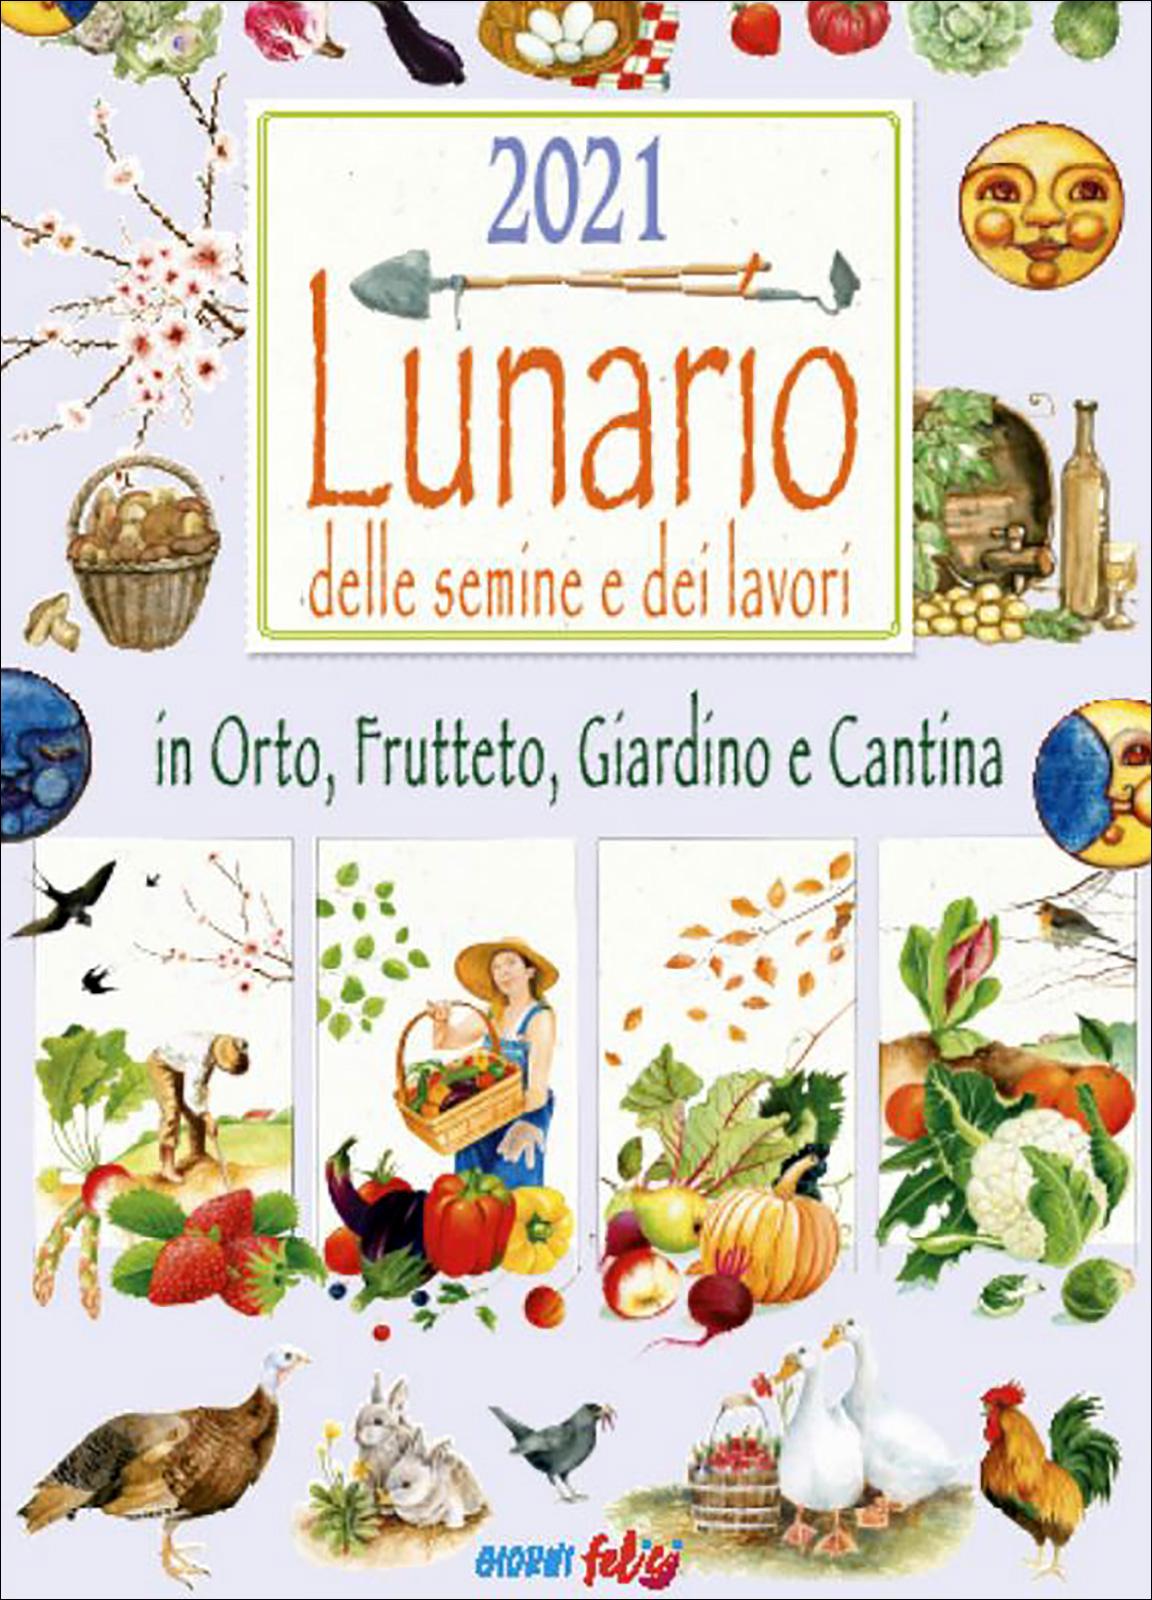 Lunario delle Semine e dei Lavori 2021   Giorni Felici   Edizioni